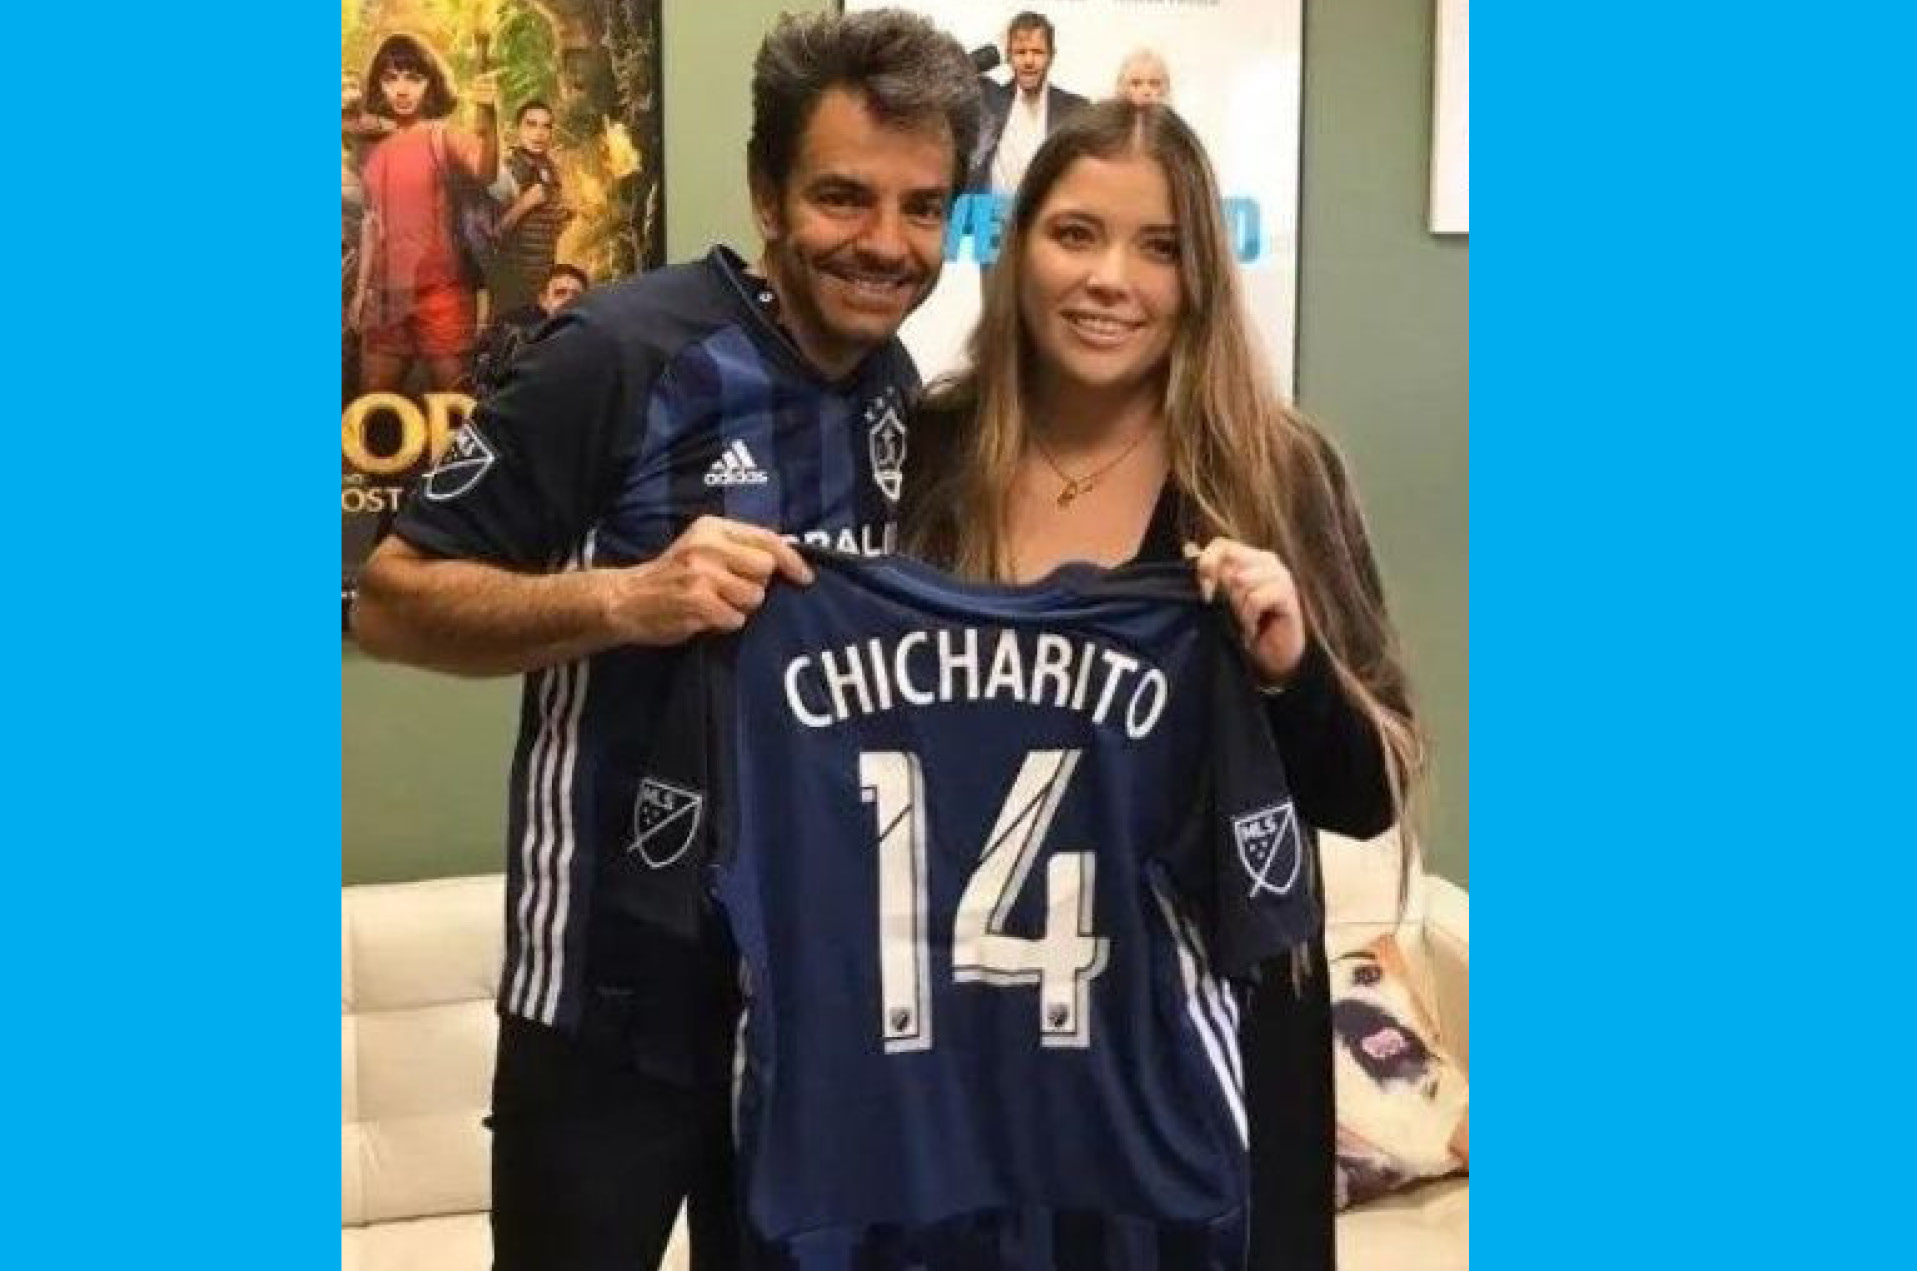 Llega Chicharito al Galaxy de L.A.